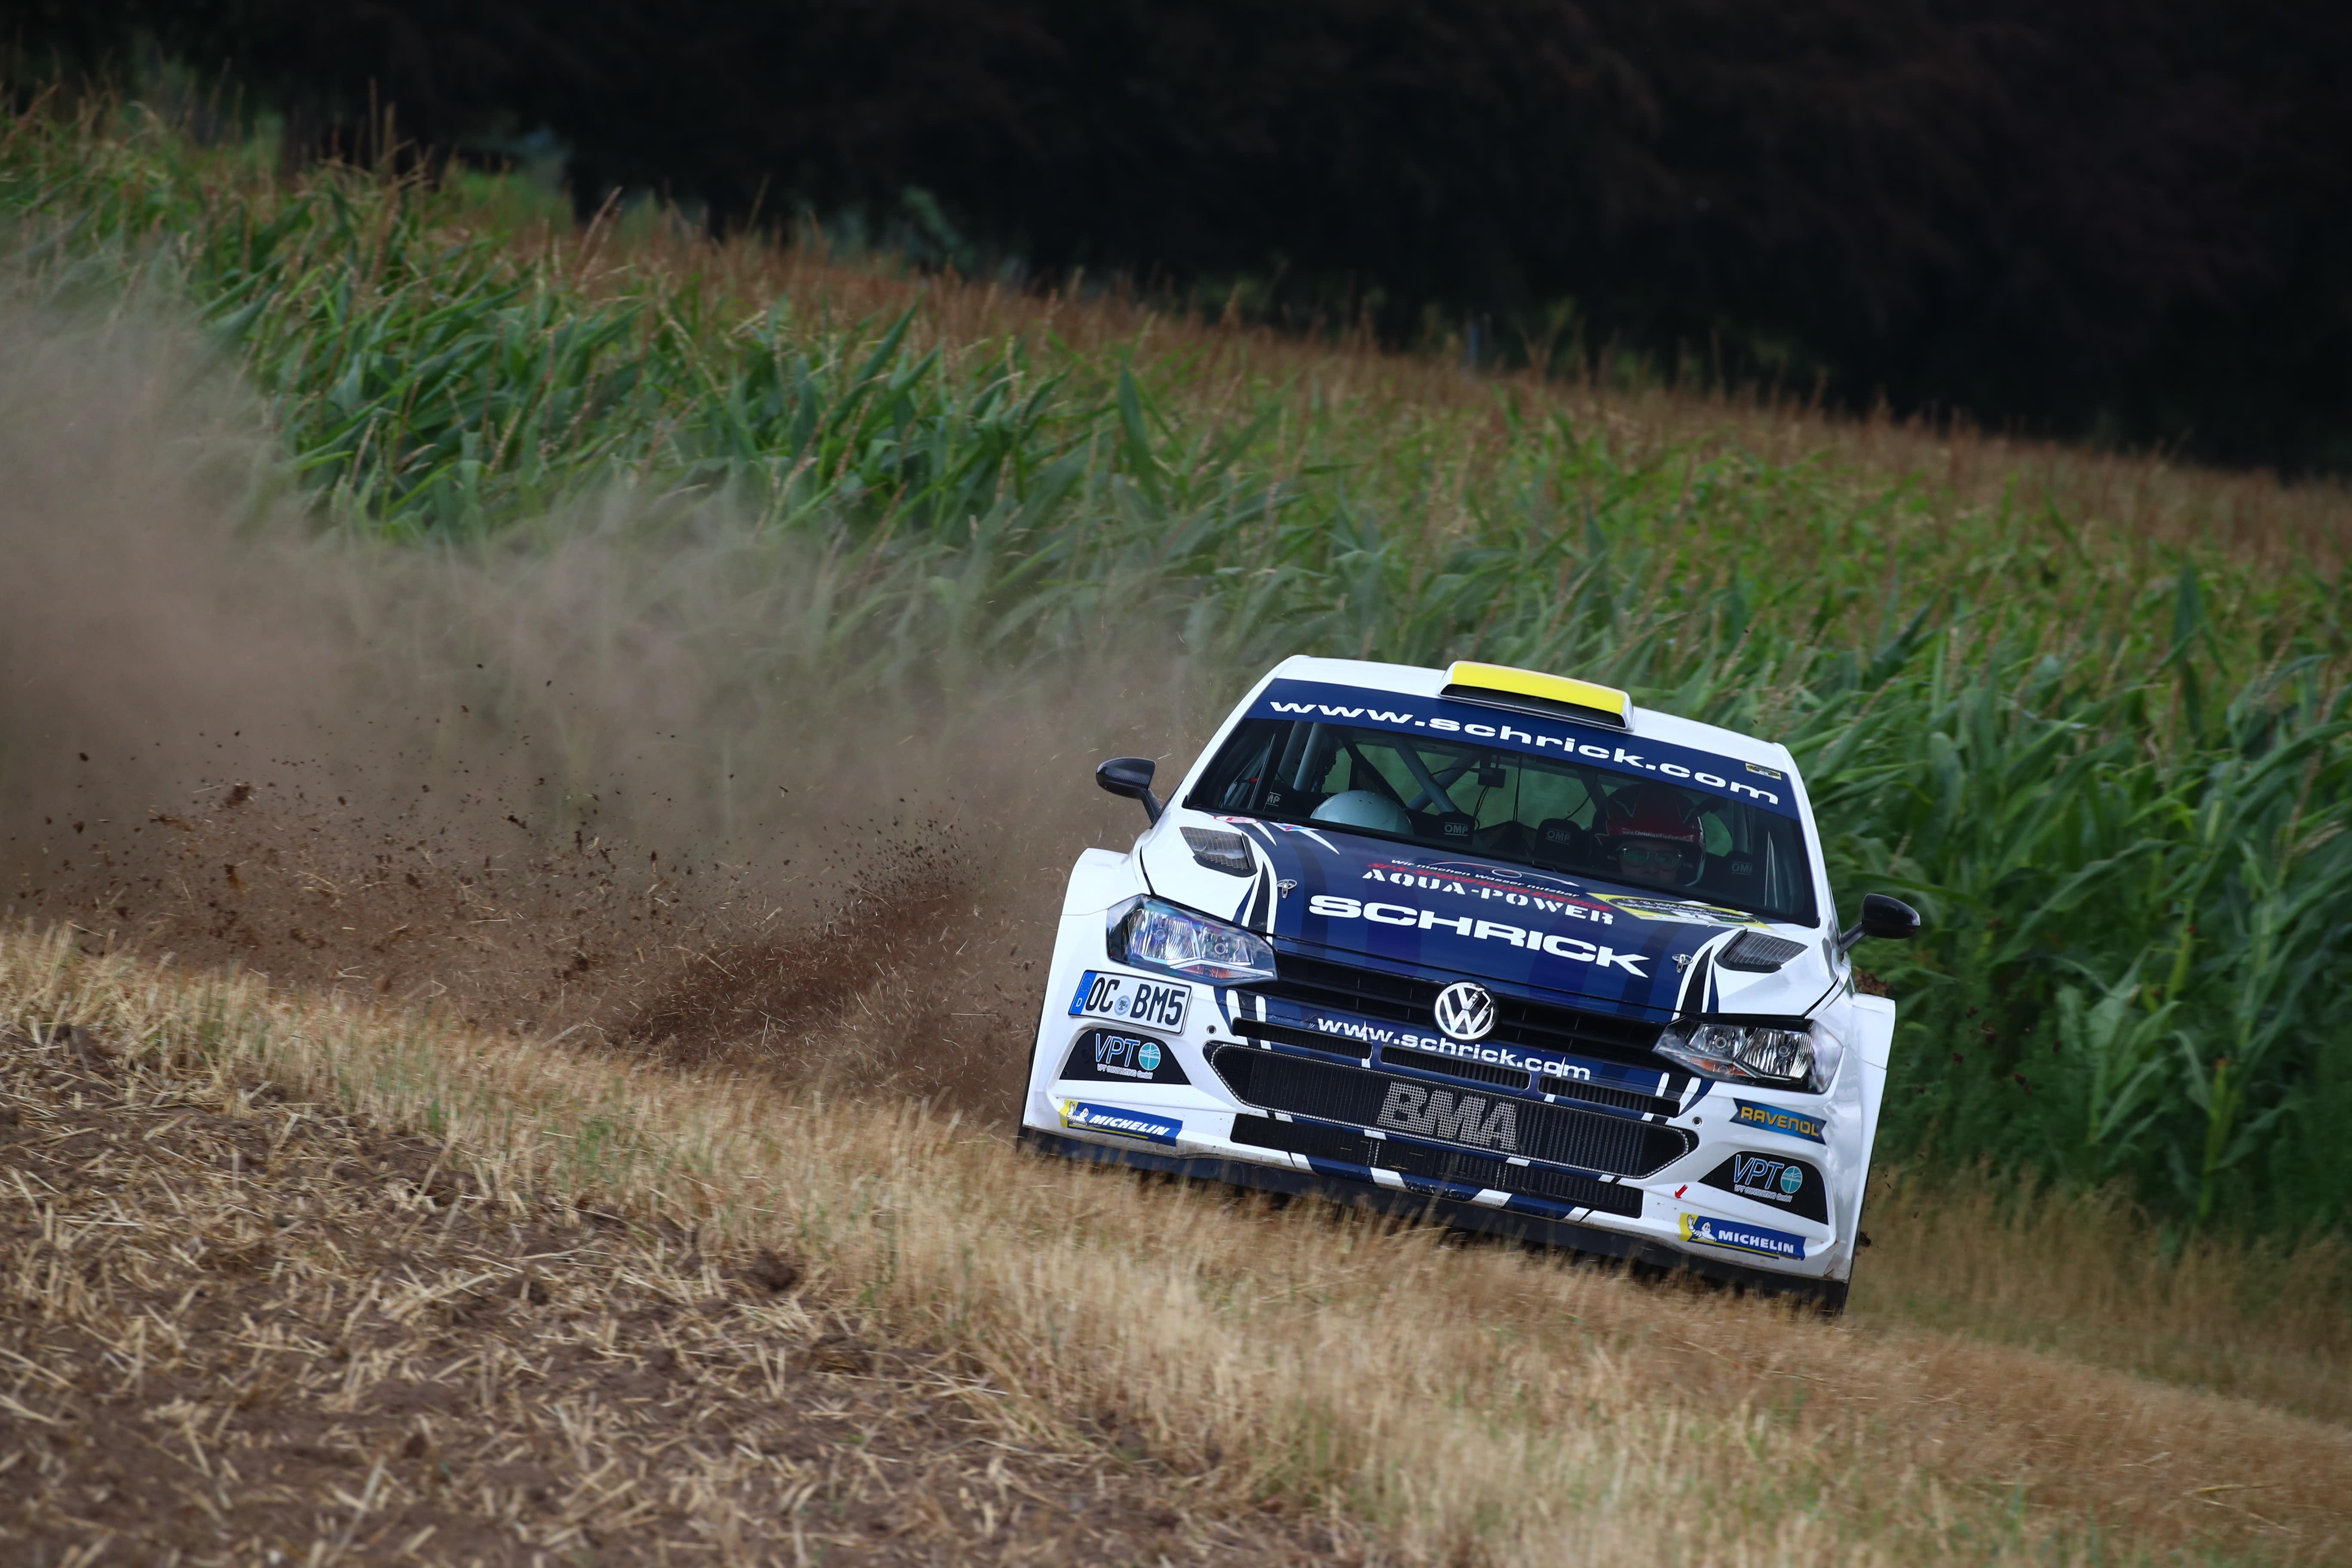 Rallye Sulingen bereit für den Saisonauftakt der DRM